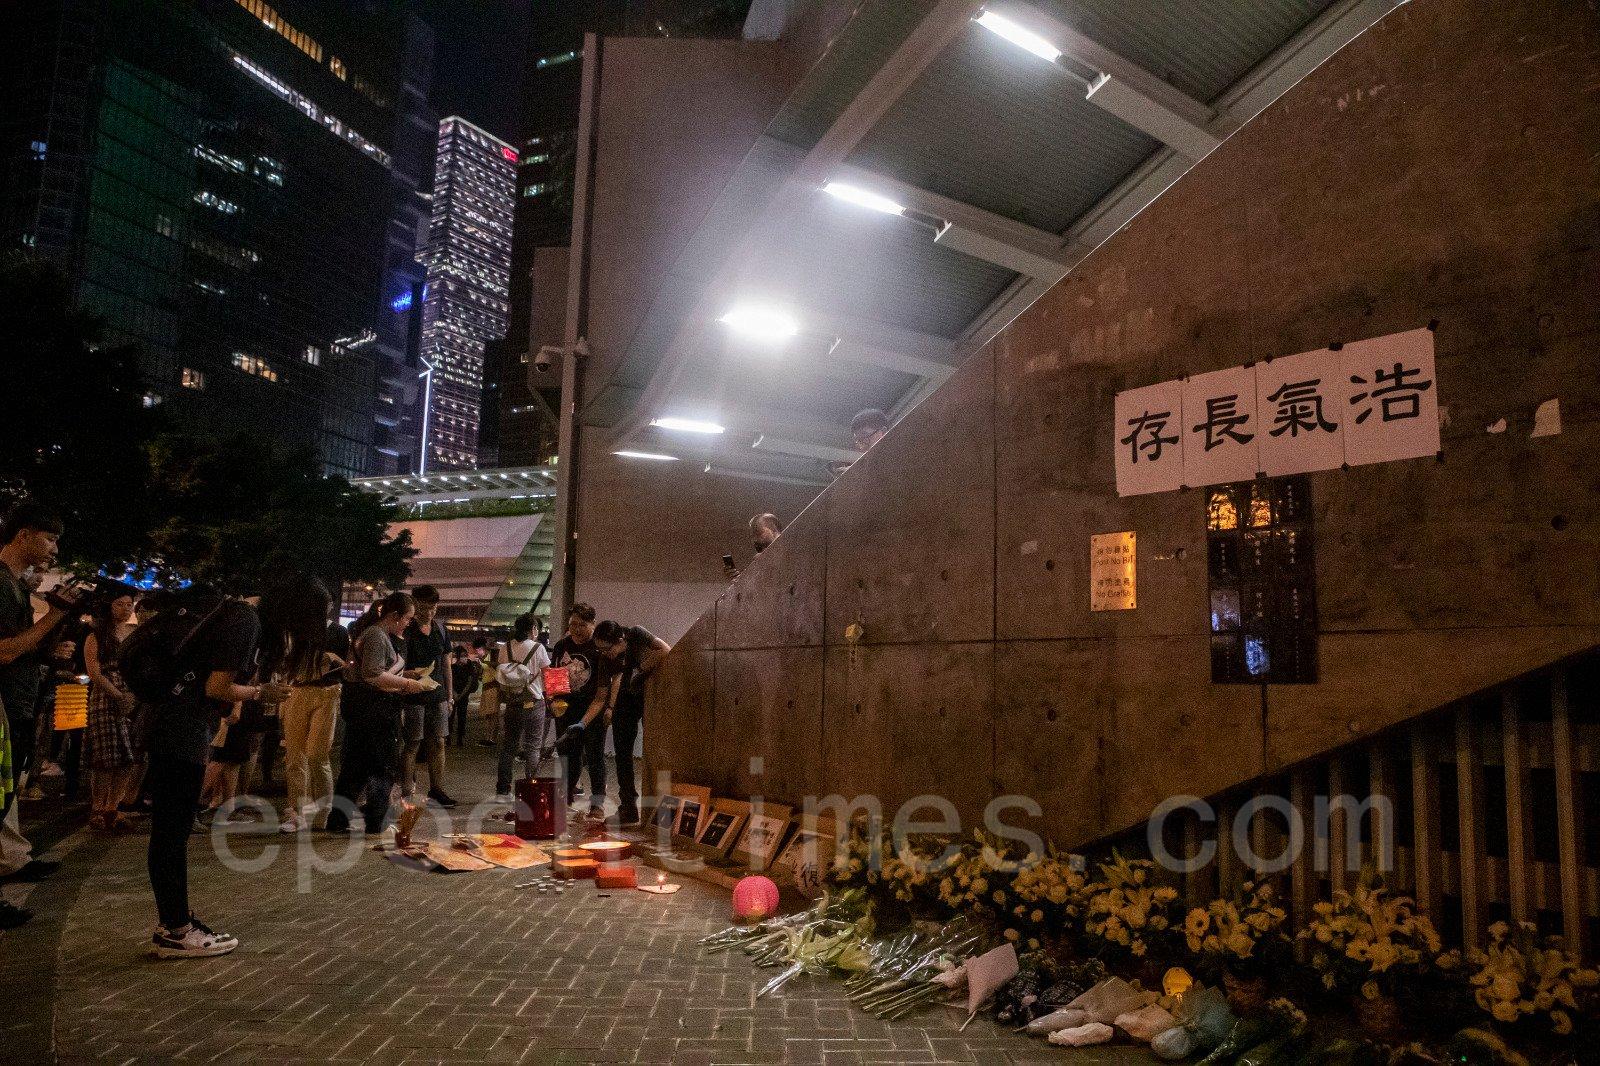 13日中秋夜,不少市民在金鐘慶中秋,連儂牆貼「浩氣長存」追憶「反送中」義士。(余鋼/大紀元)